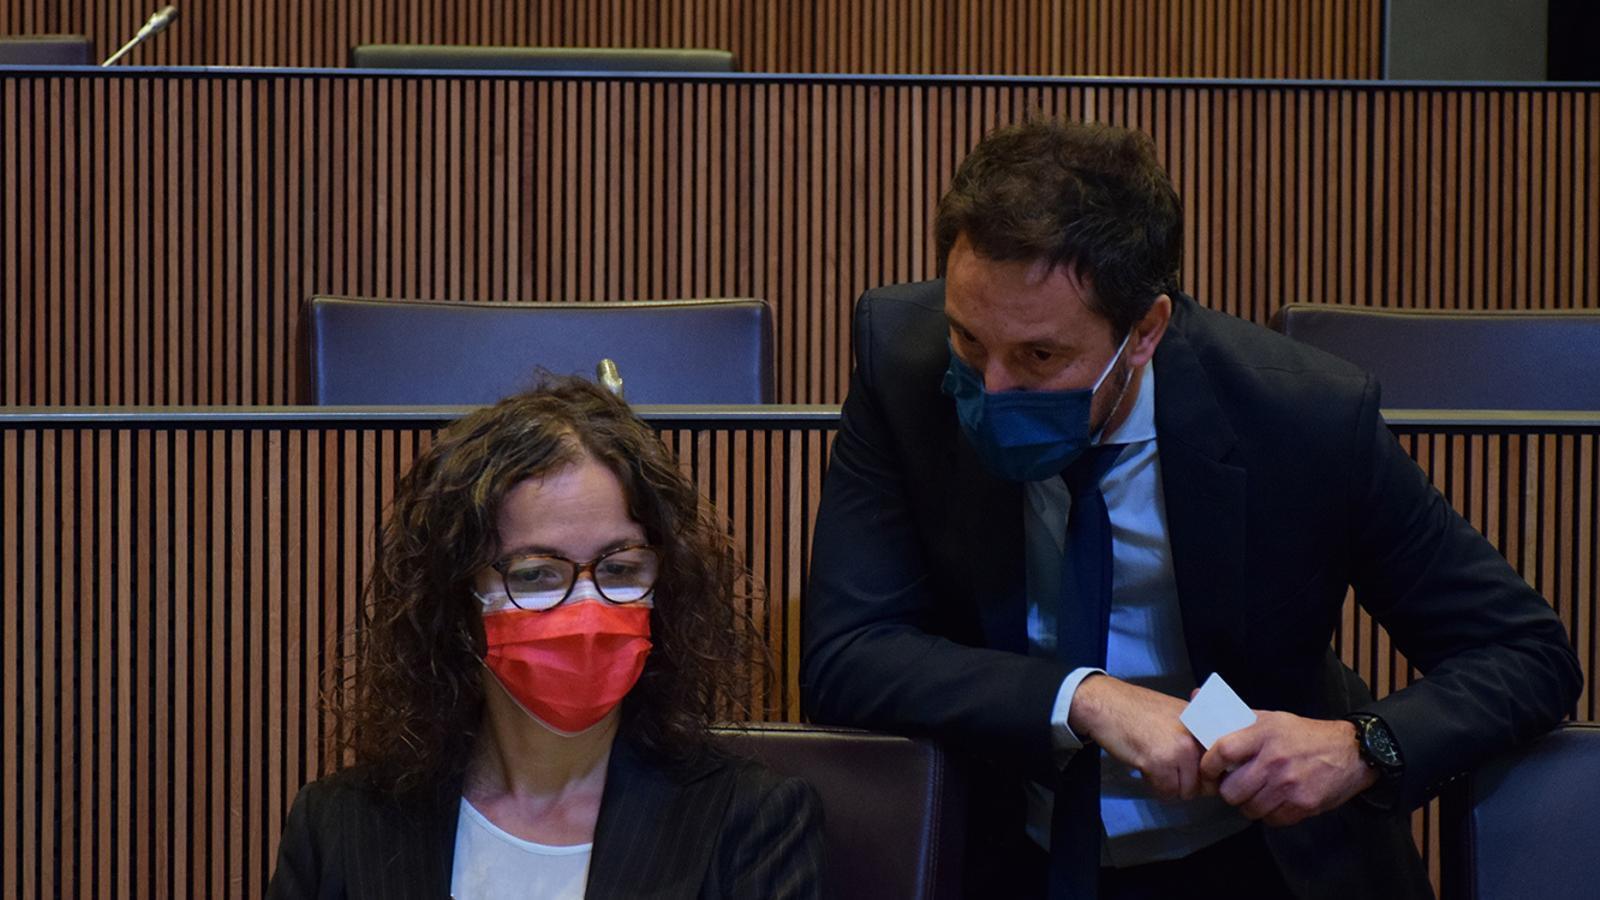 El president i la presidenta suplent del grup parlamentari socialdemòcrata, Pere López i Judith Salazar. / M. F. (ANA)